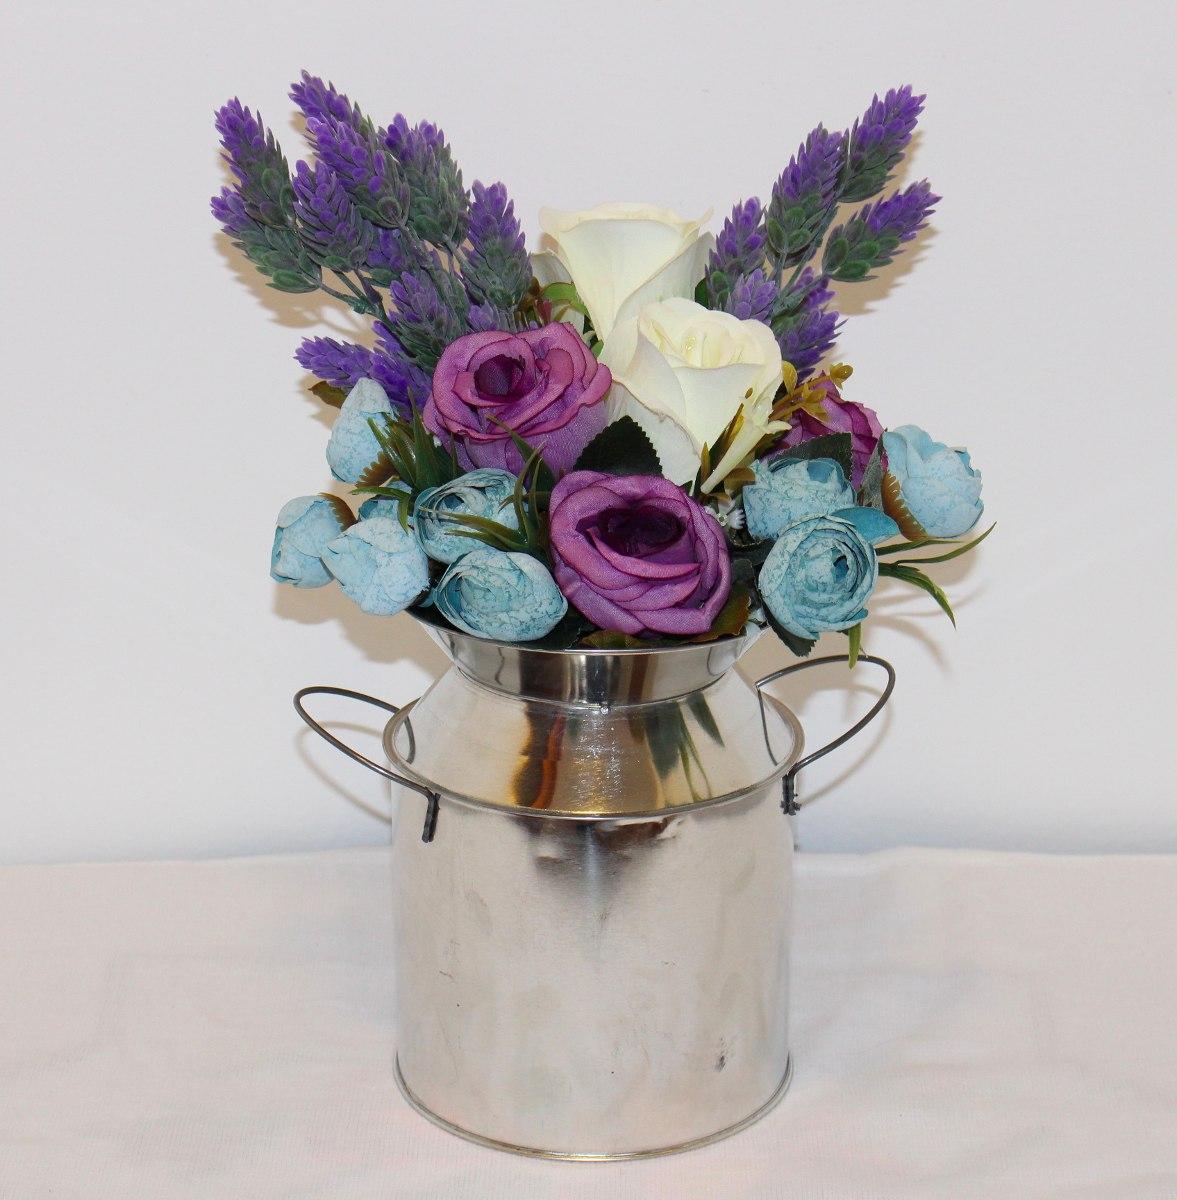 Arreglo floral centro de mesa flores artificiales lechero en mercado libre - Centro de mesa con flores ...